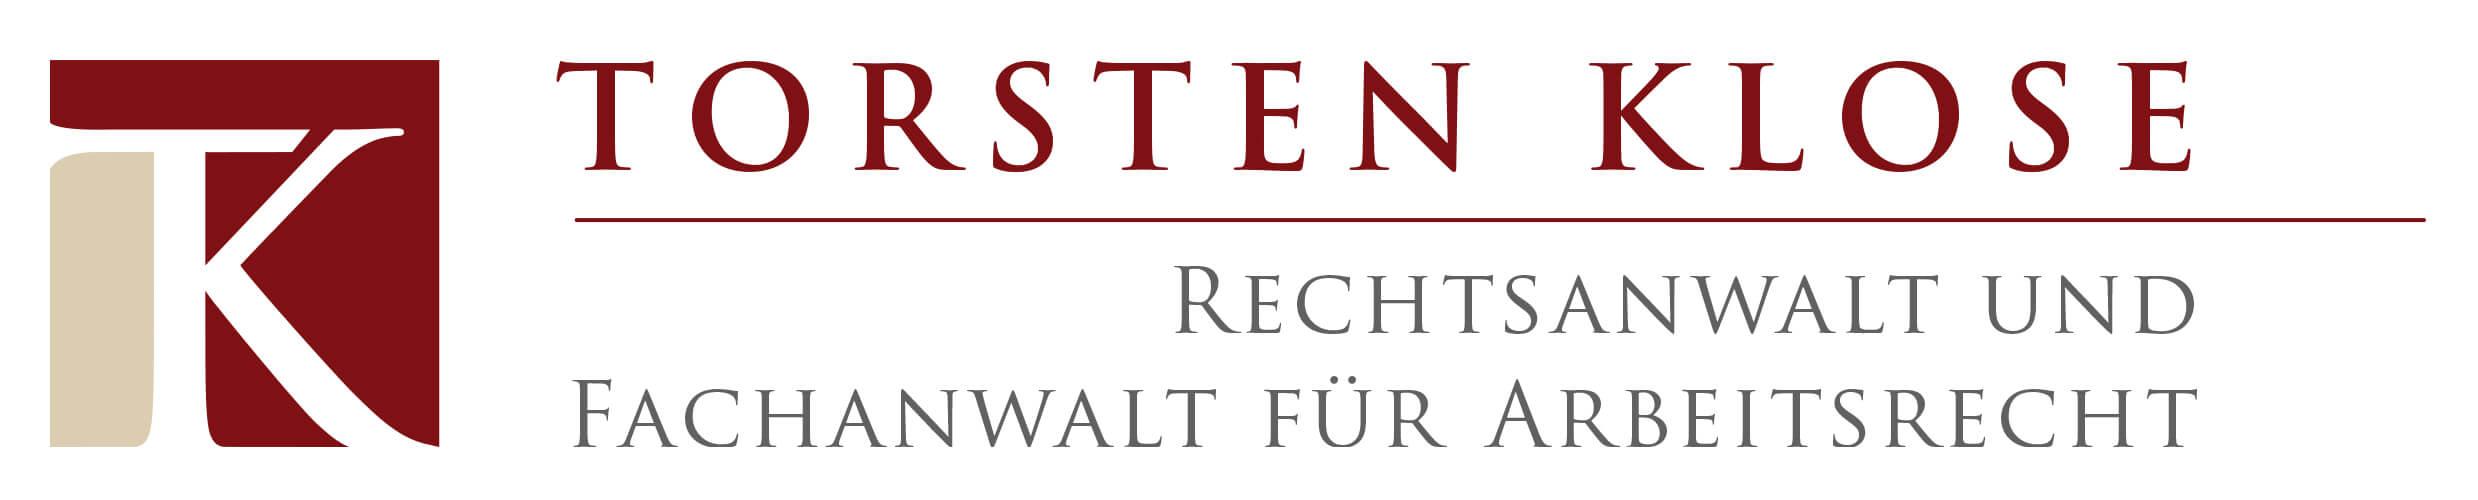 Anwalt für Arbeitsrecht München, Anwalt für Verkehrsrecht München Torsten Klose (Logo)